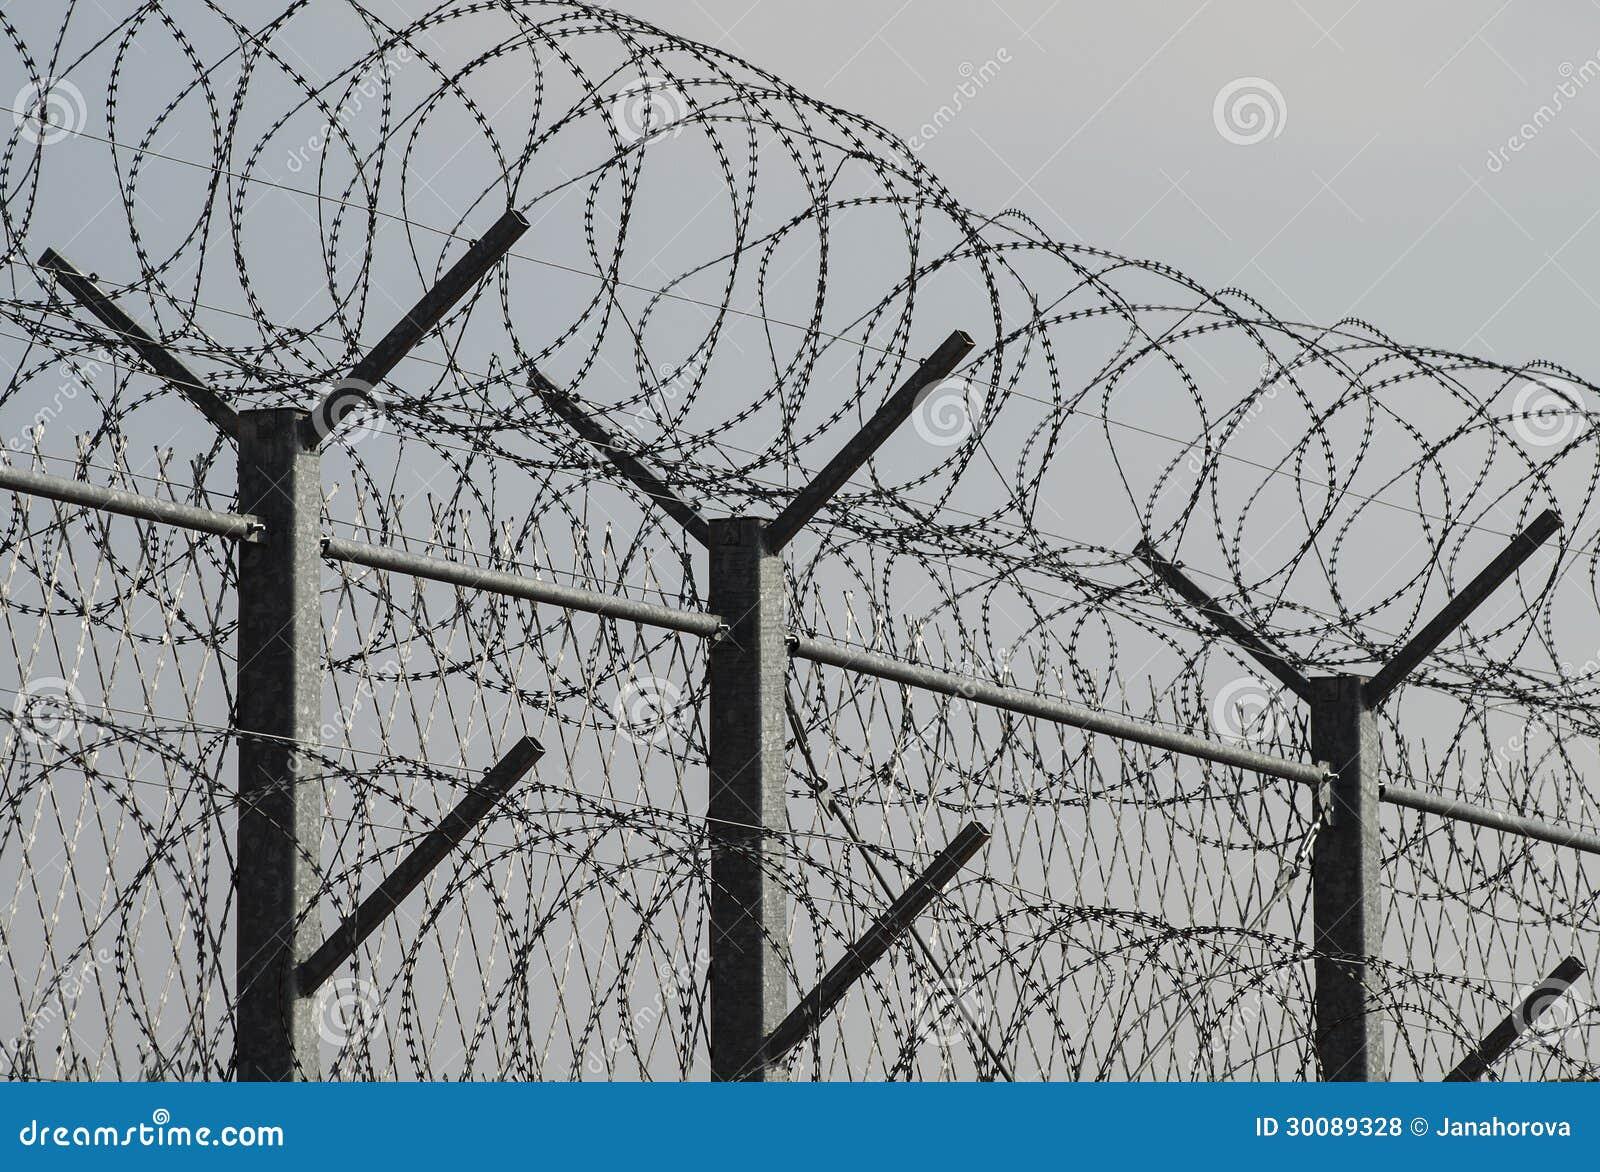 Stacheldraht stockfoto. Bild von draht, gefängnis, sicherheit - 30089328